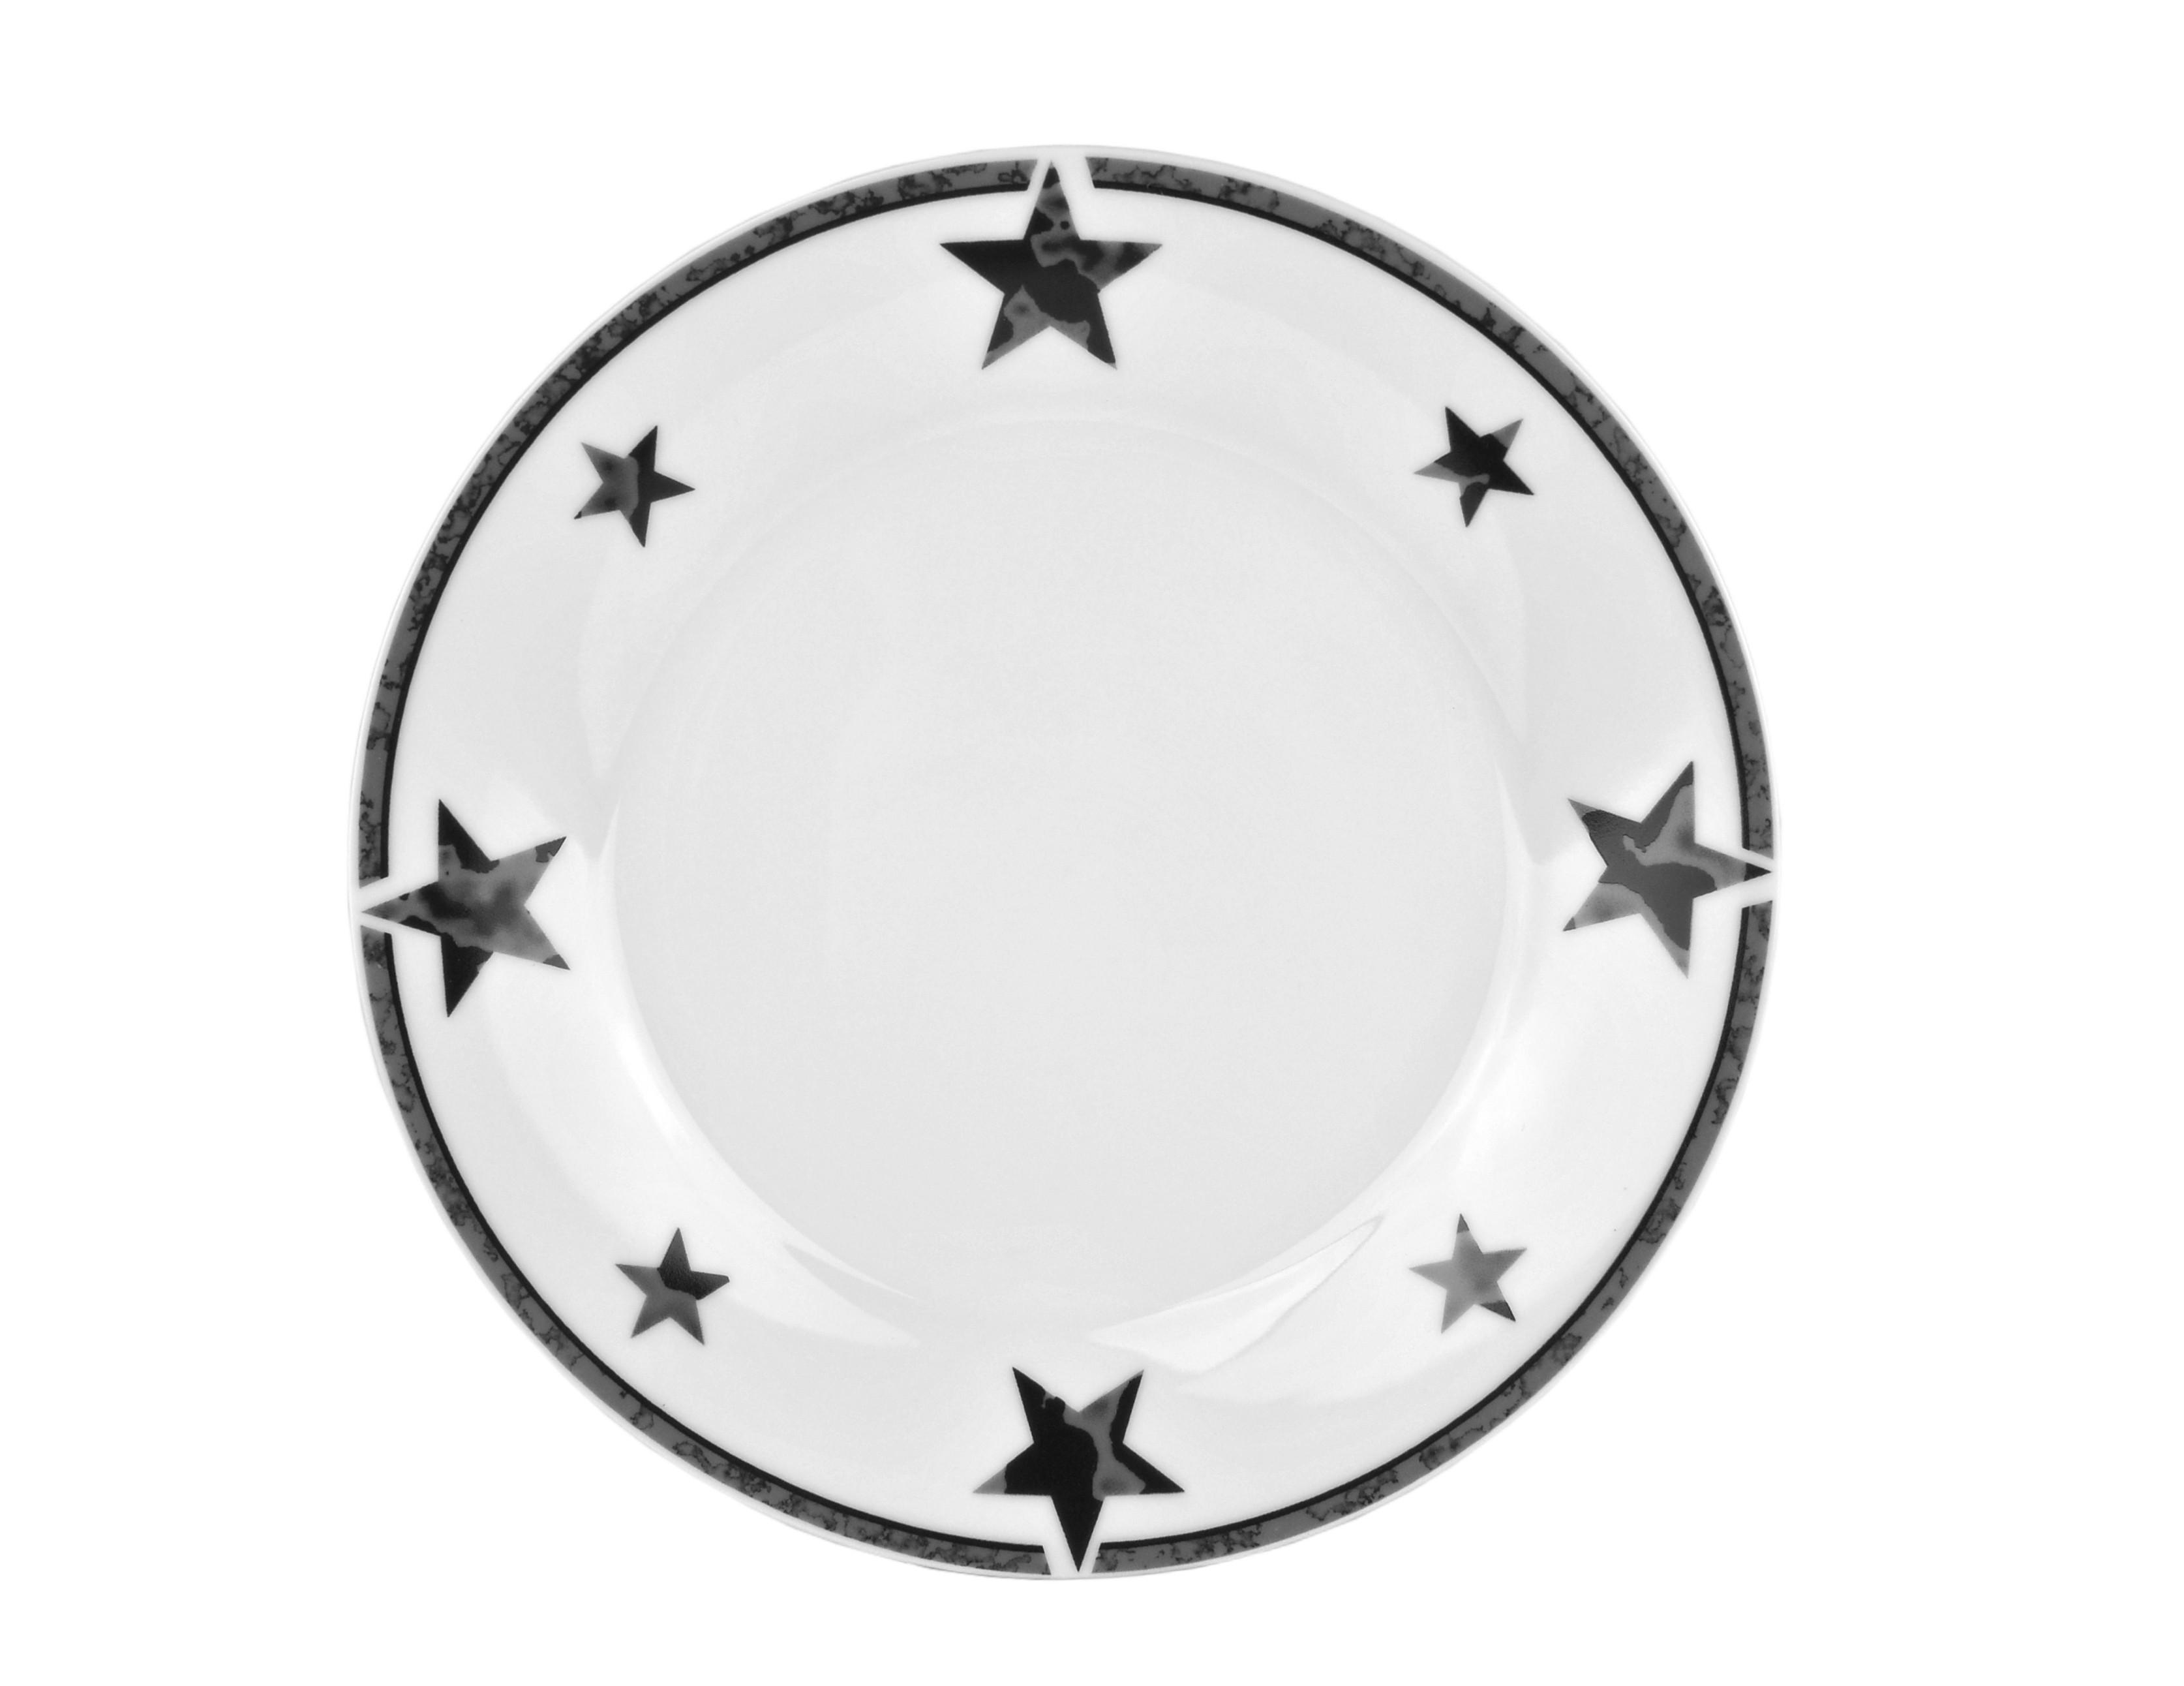 tafelservice 12tlg silver star rund porzellan wei 6 personen teller geschirr ebay. Black Bedroom Furniture Sets. Home Design Ideas